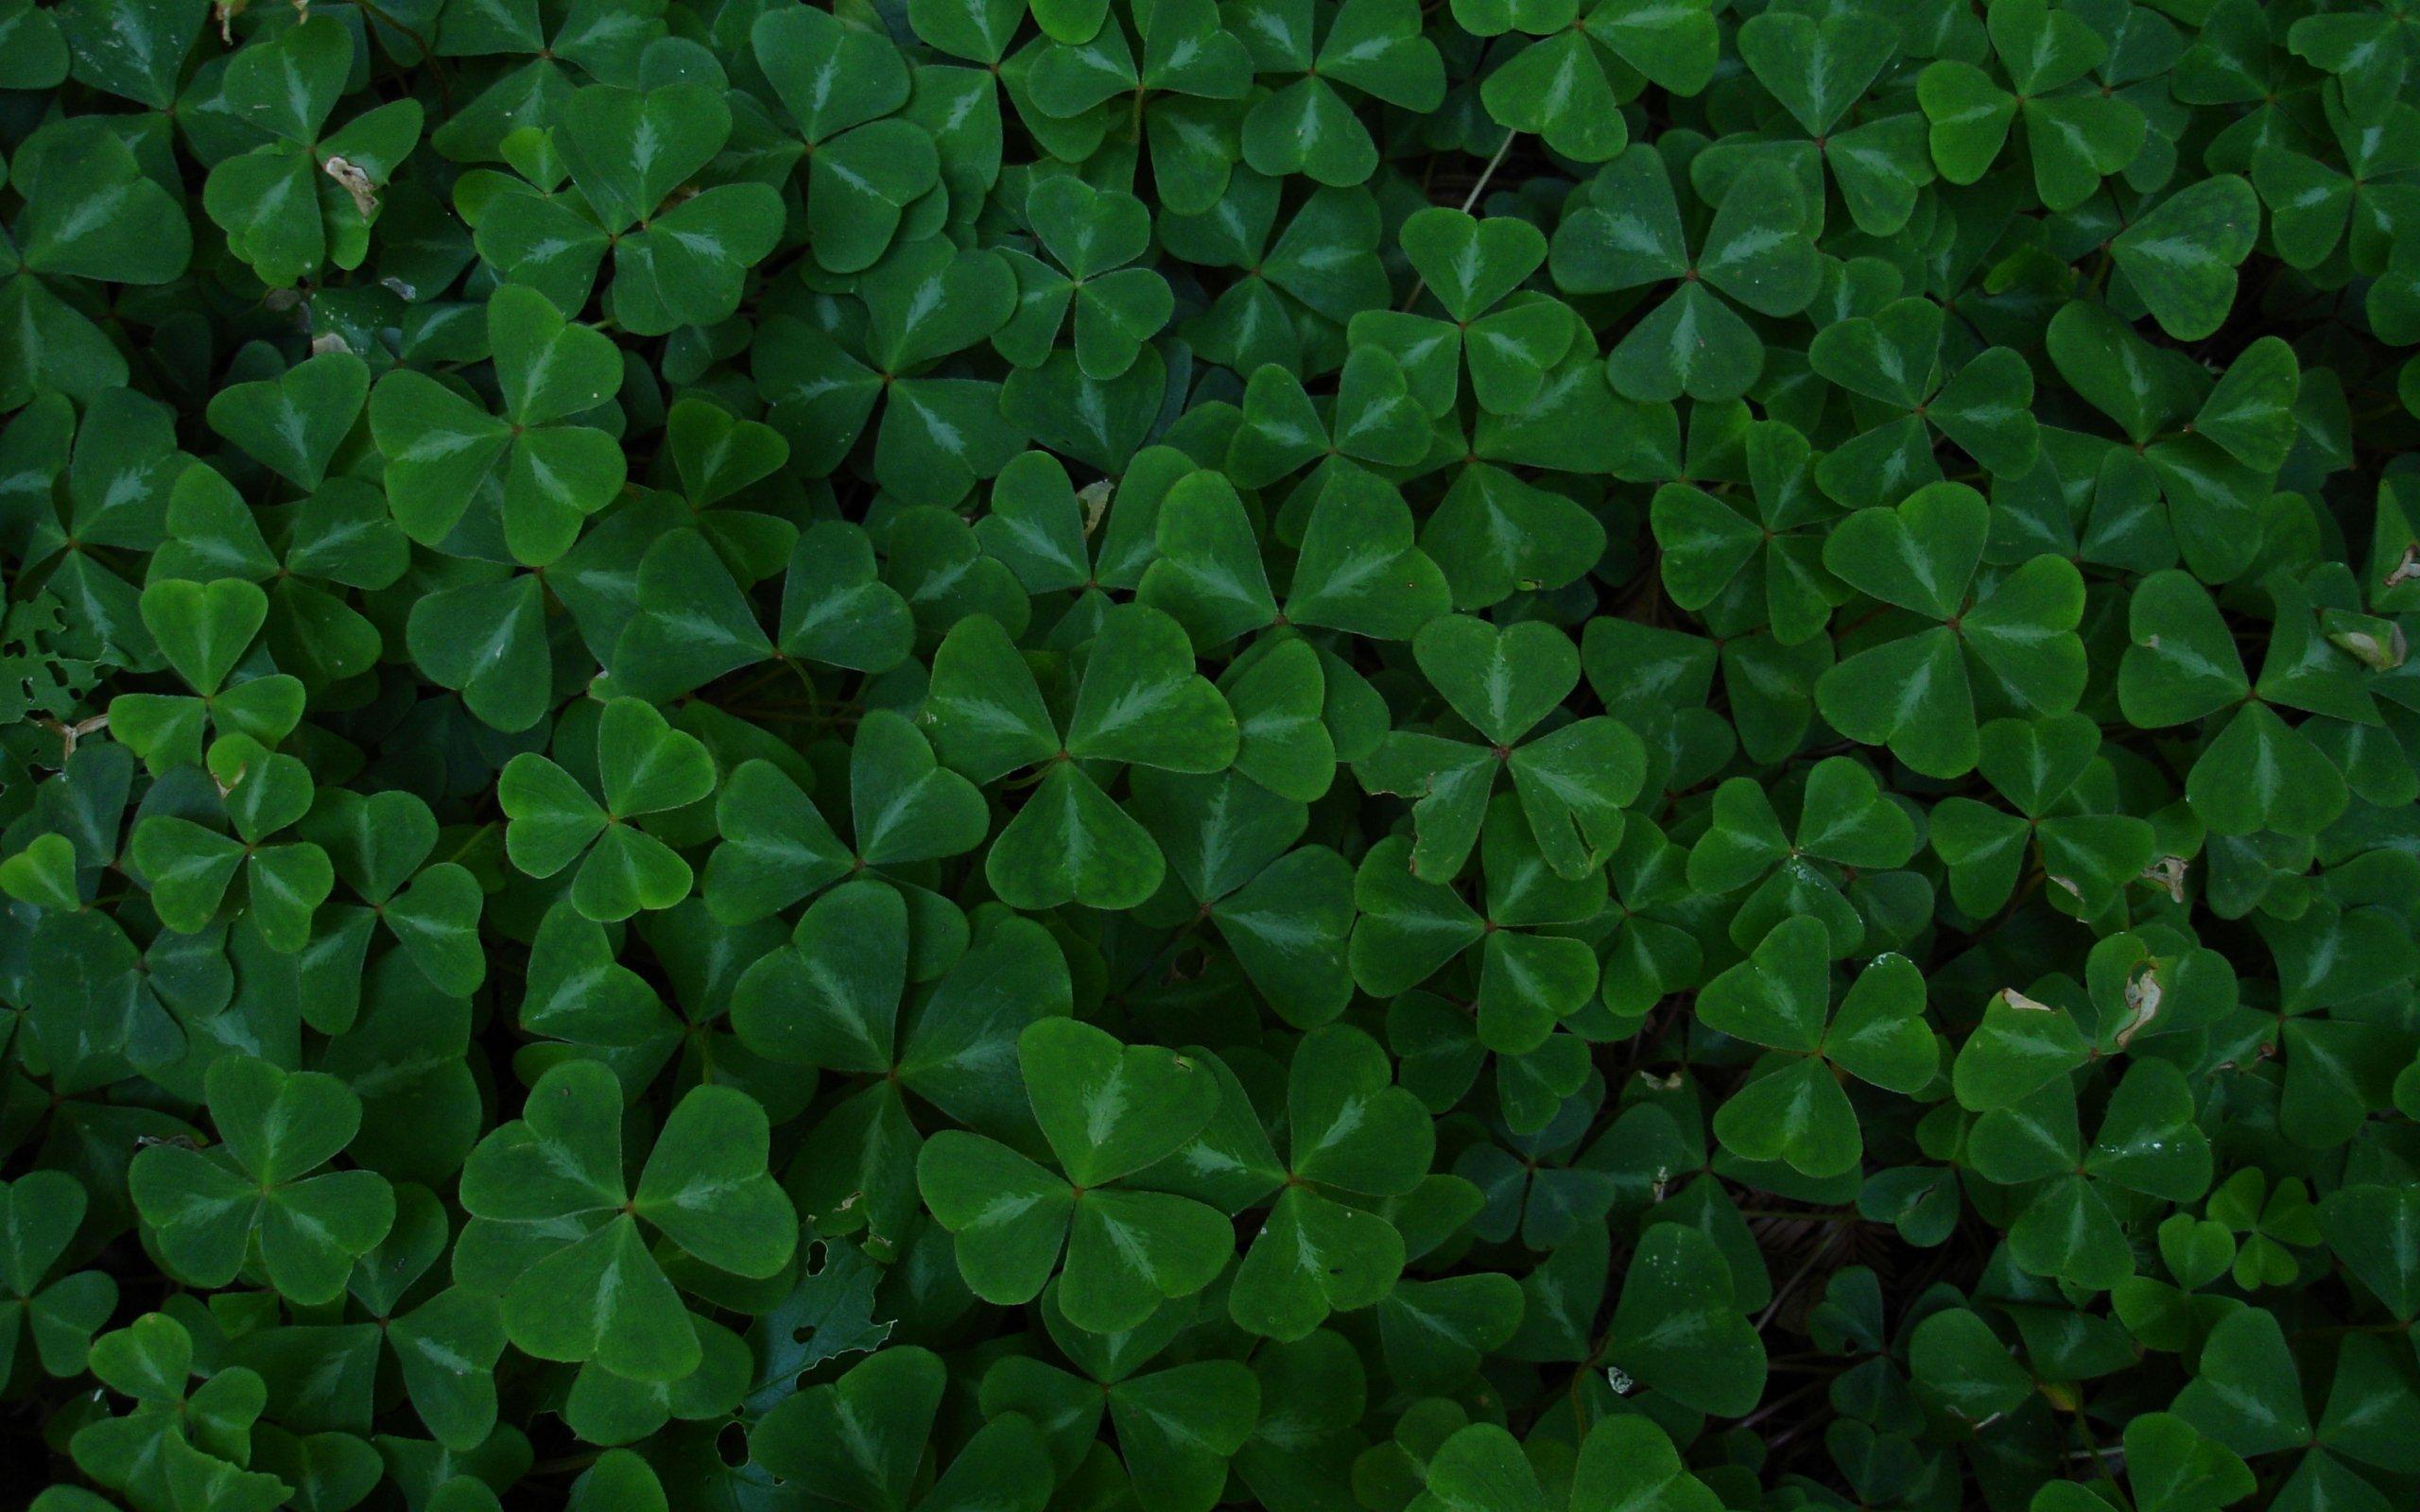 Green leaf clover wallpaper 2560x1600 10549 WallpaperUP 2560x1600